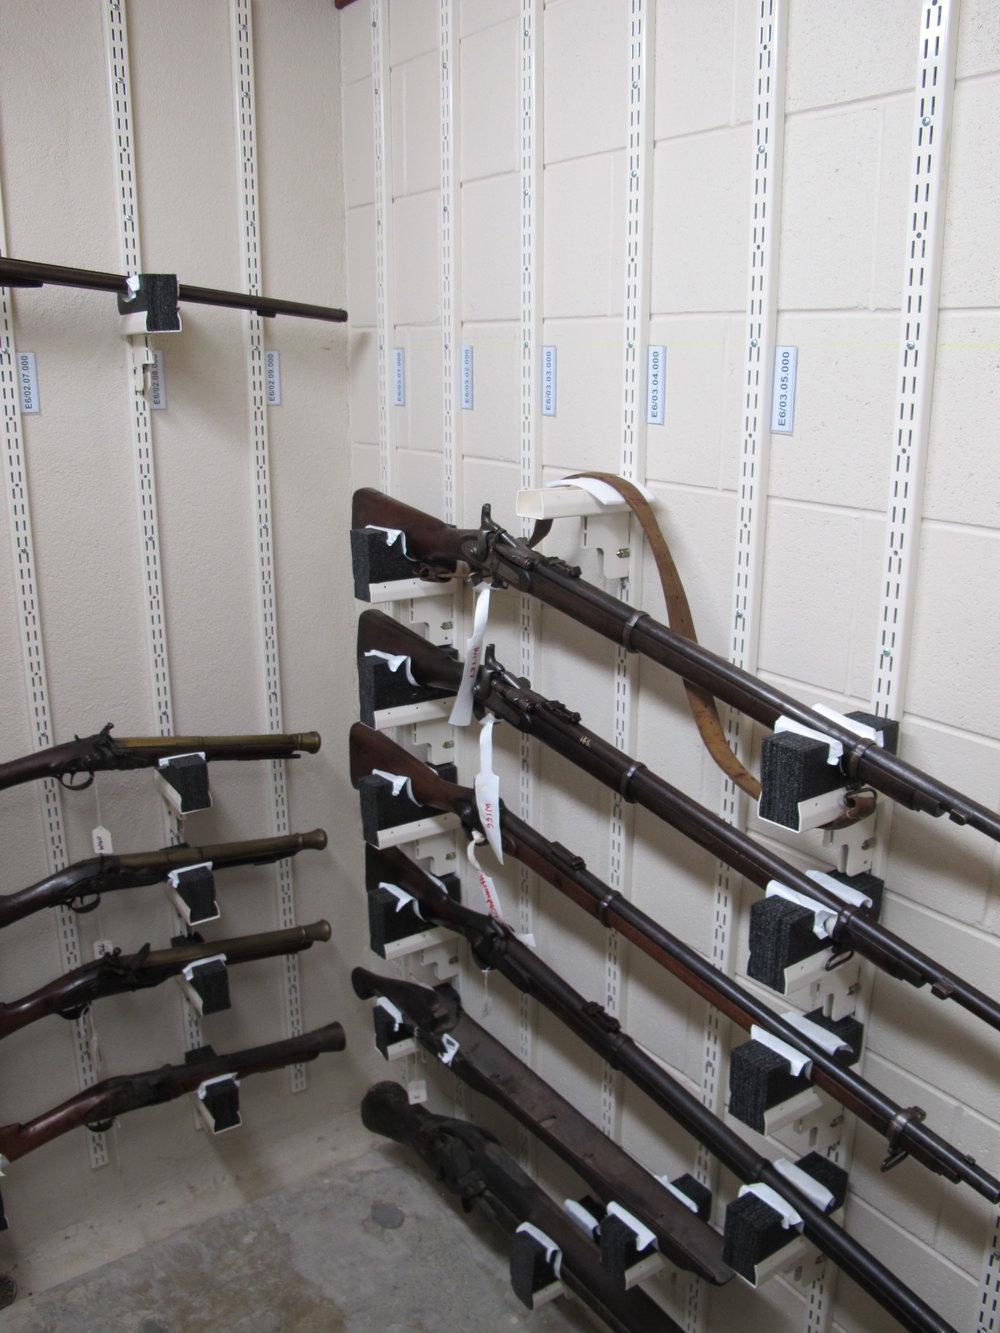 Akl Museum Gun Rack 2.jpg